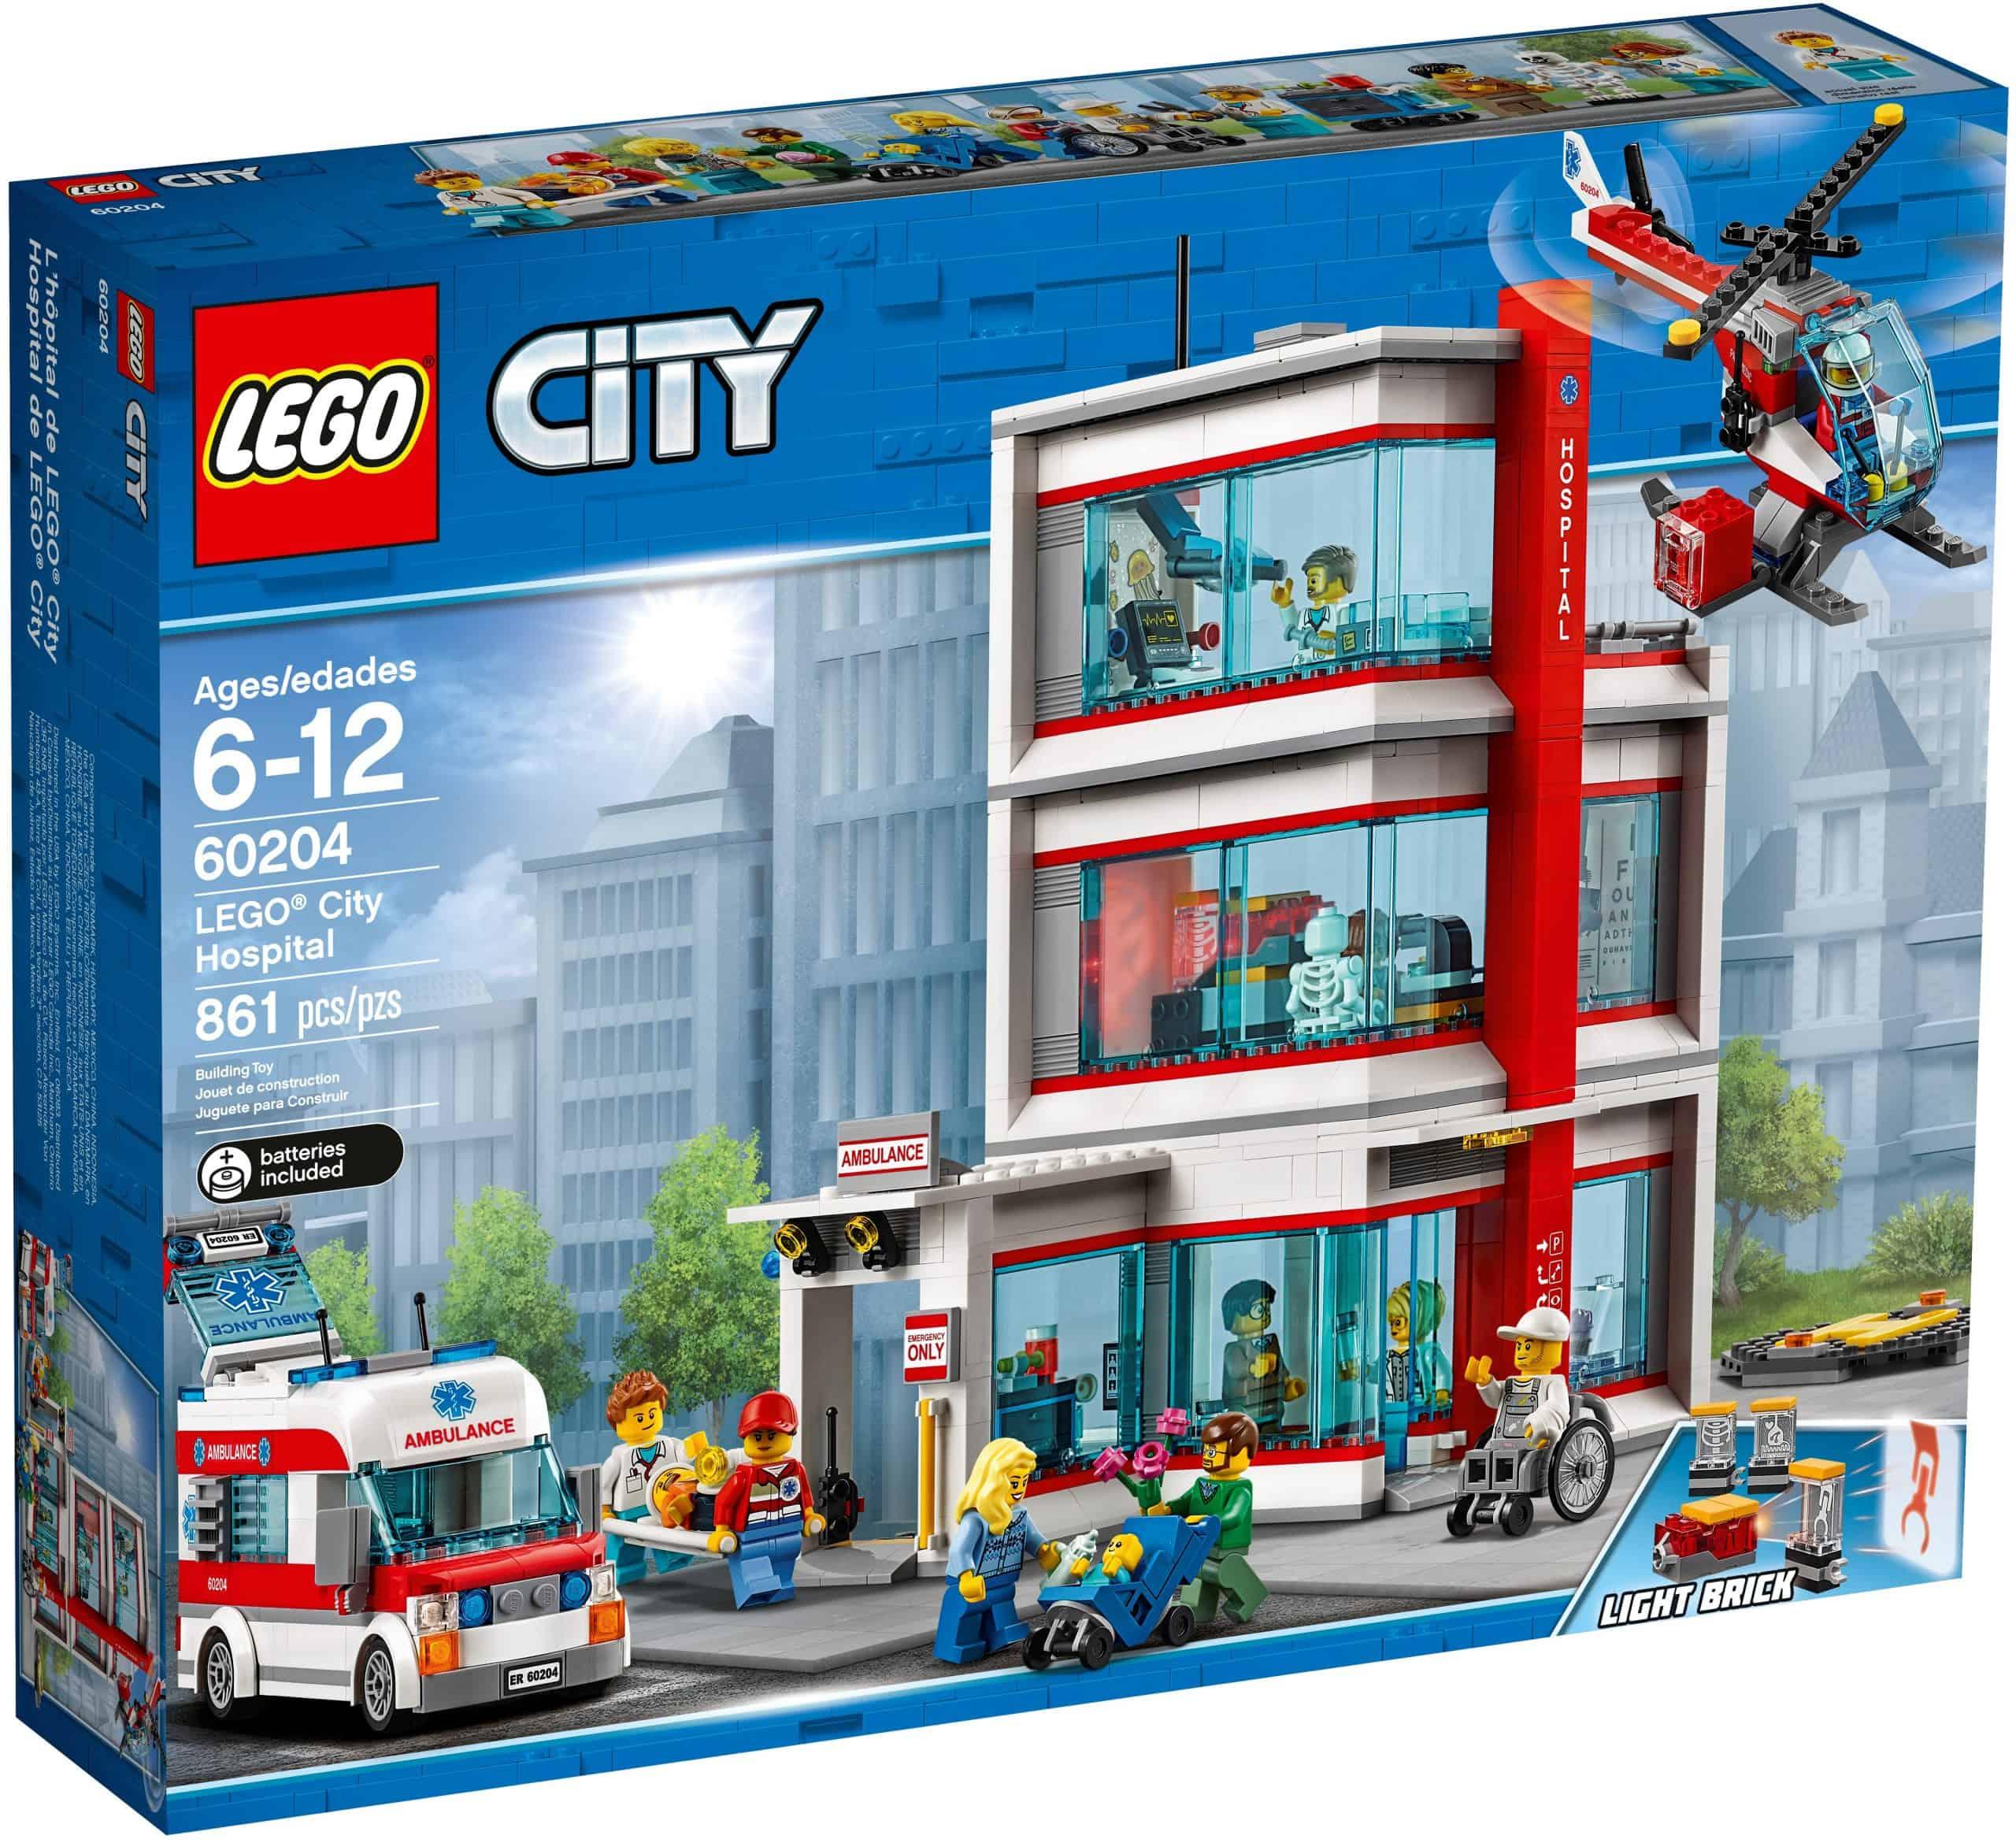 lhopital lego 60204 city scaled